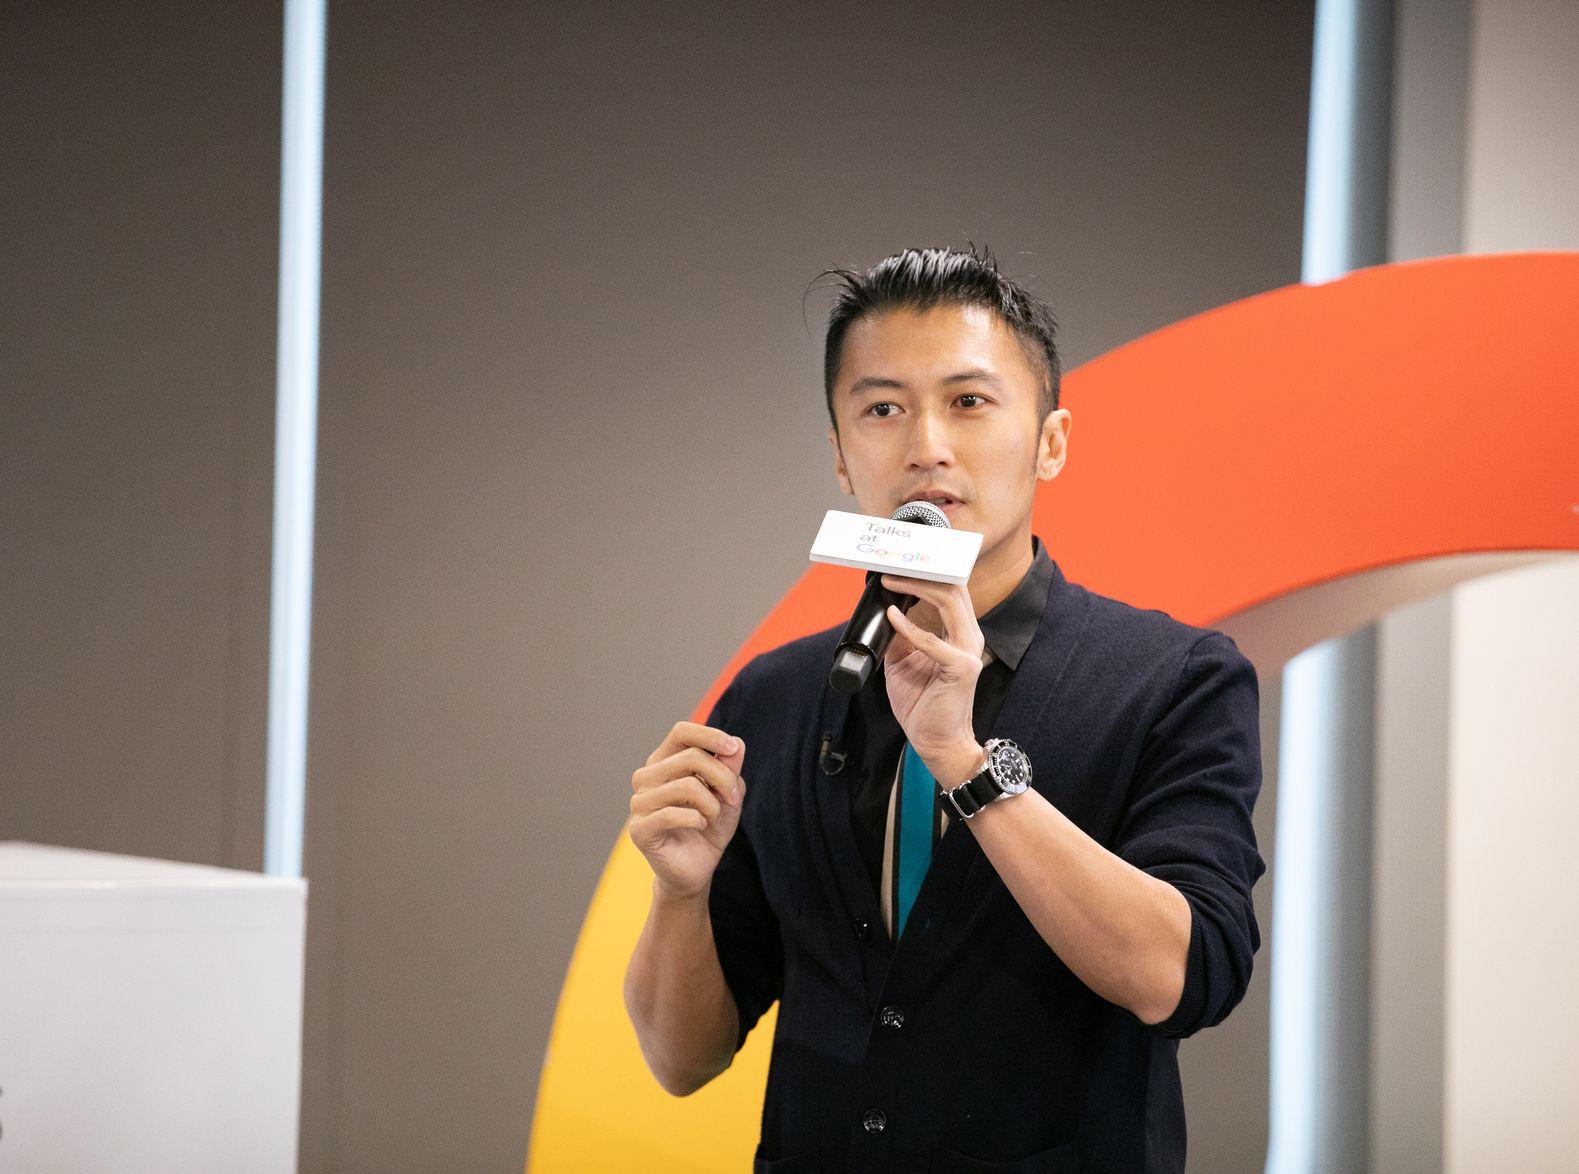 谢霆锋现身Google香港讲Talk,分享成功之道:要识time